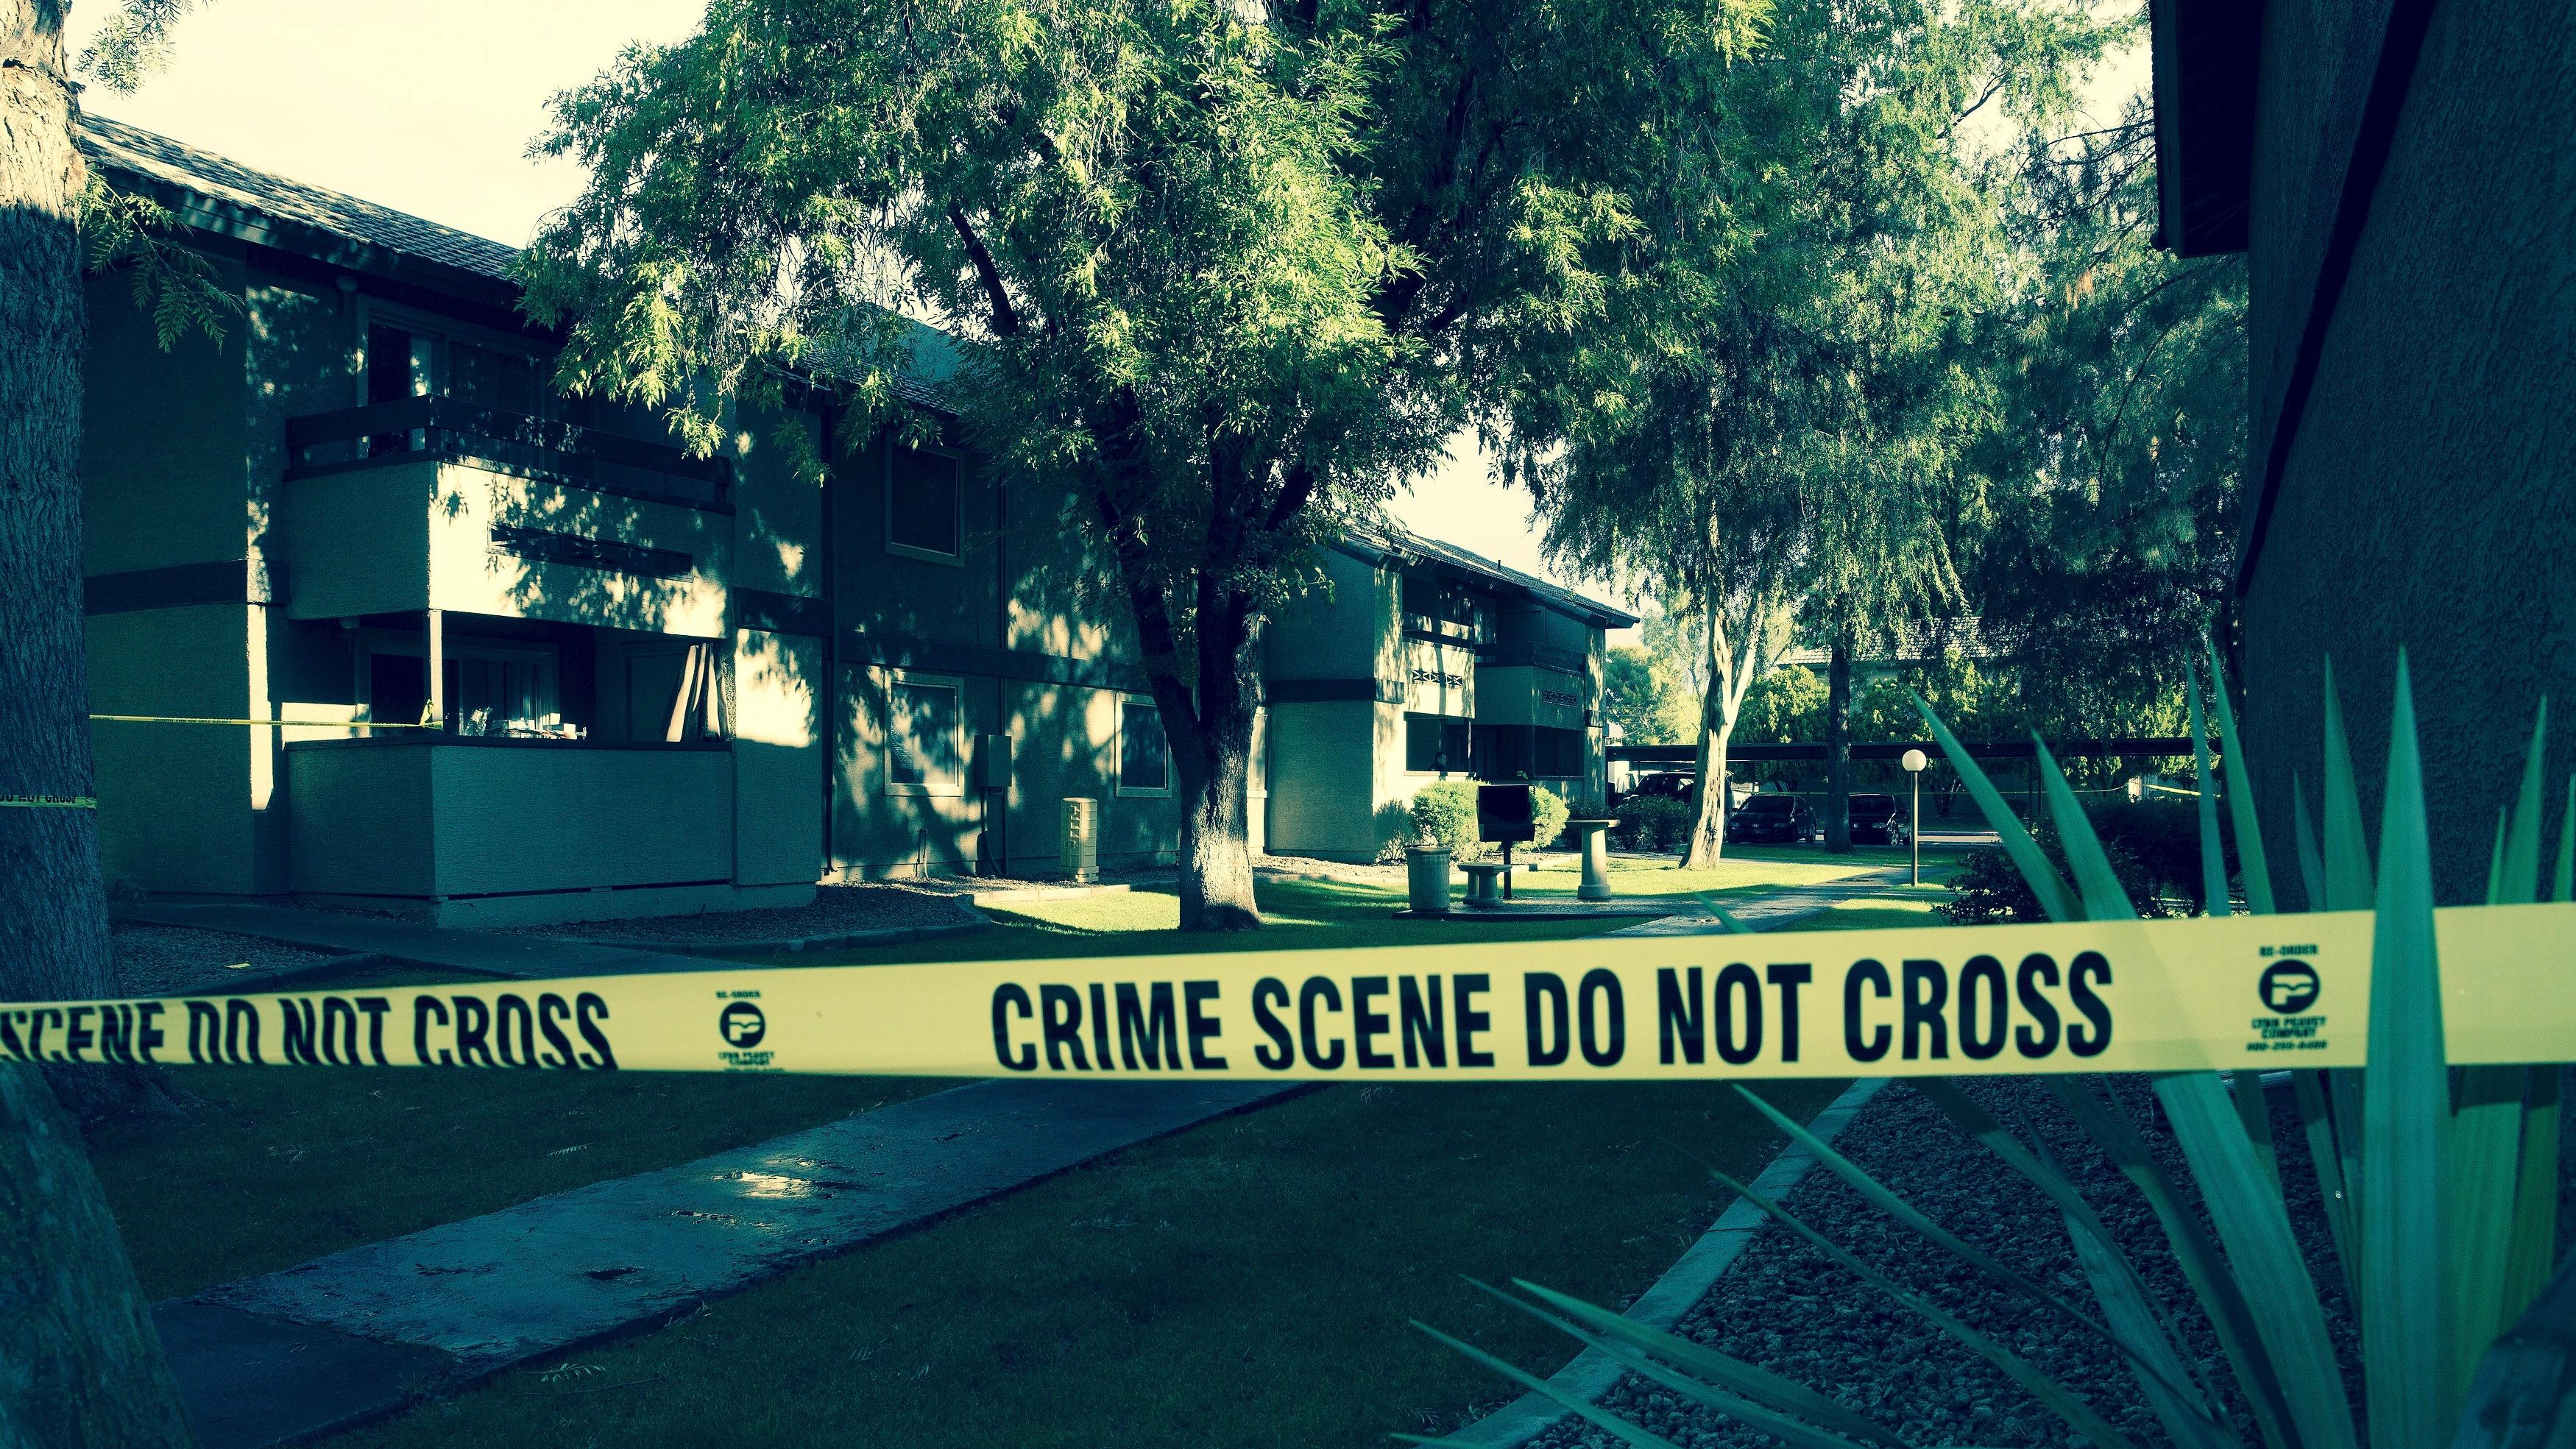 Crime scene tape surrounding house.